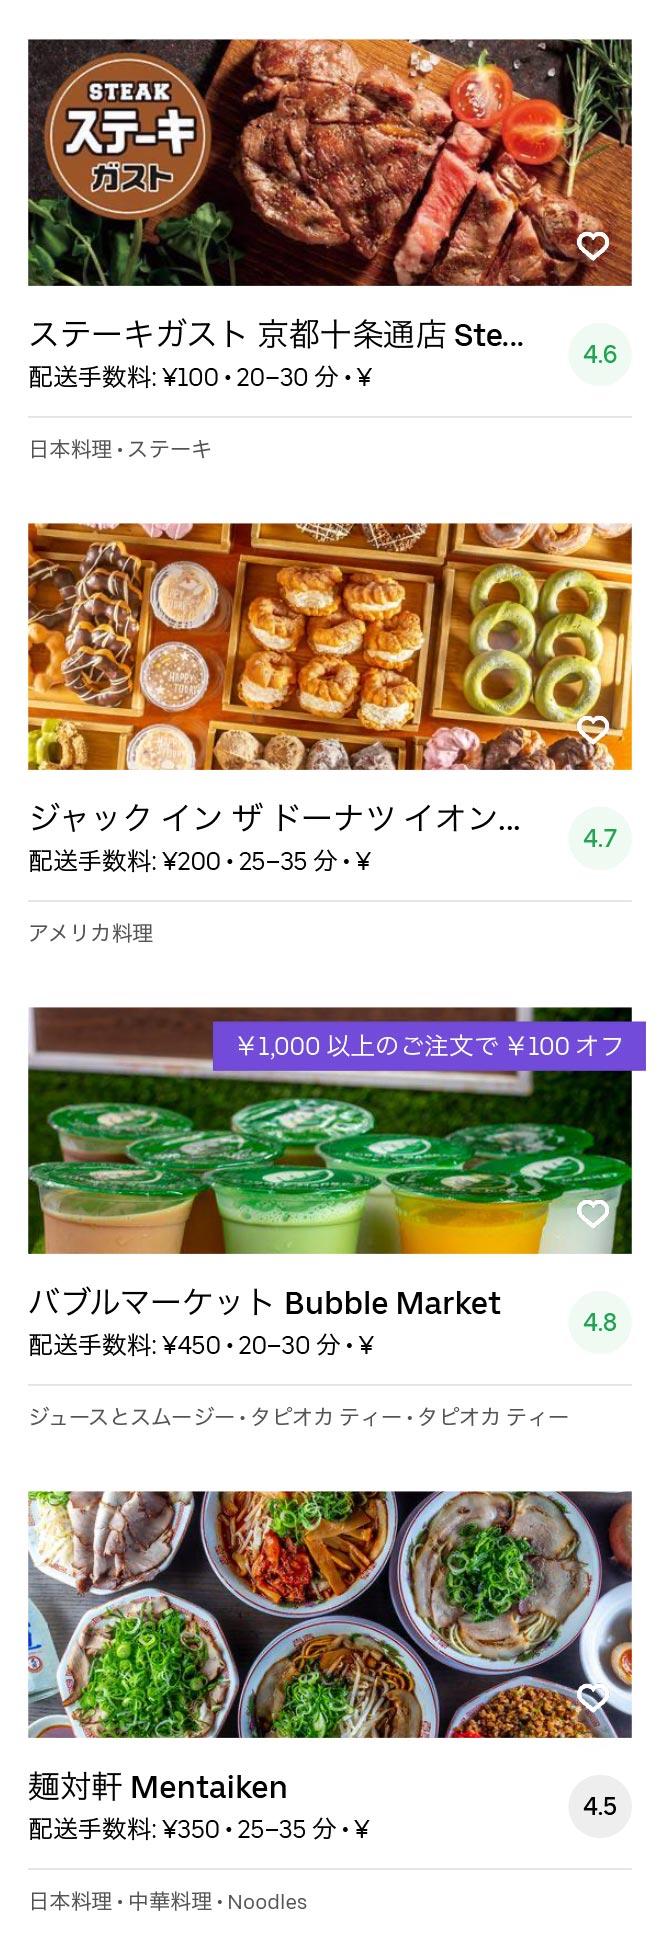 Kyoto fushimiinari menu 2005 07